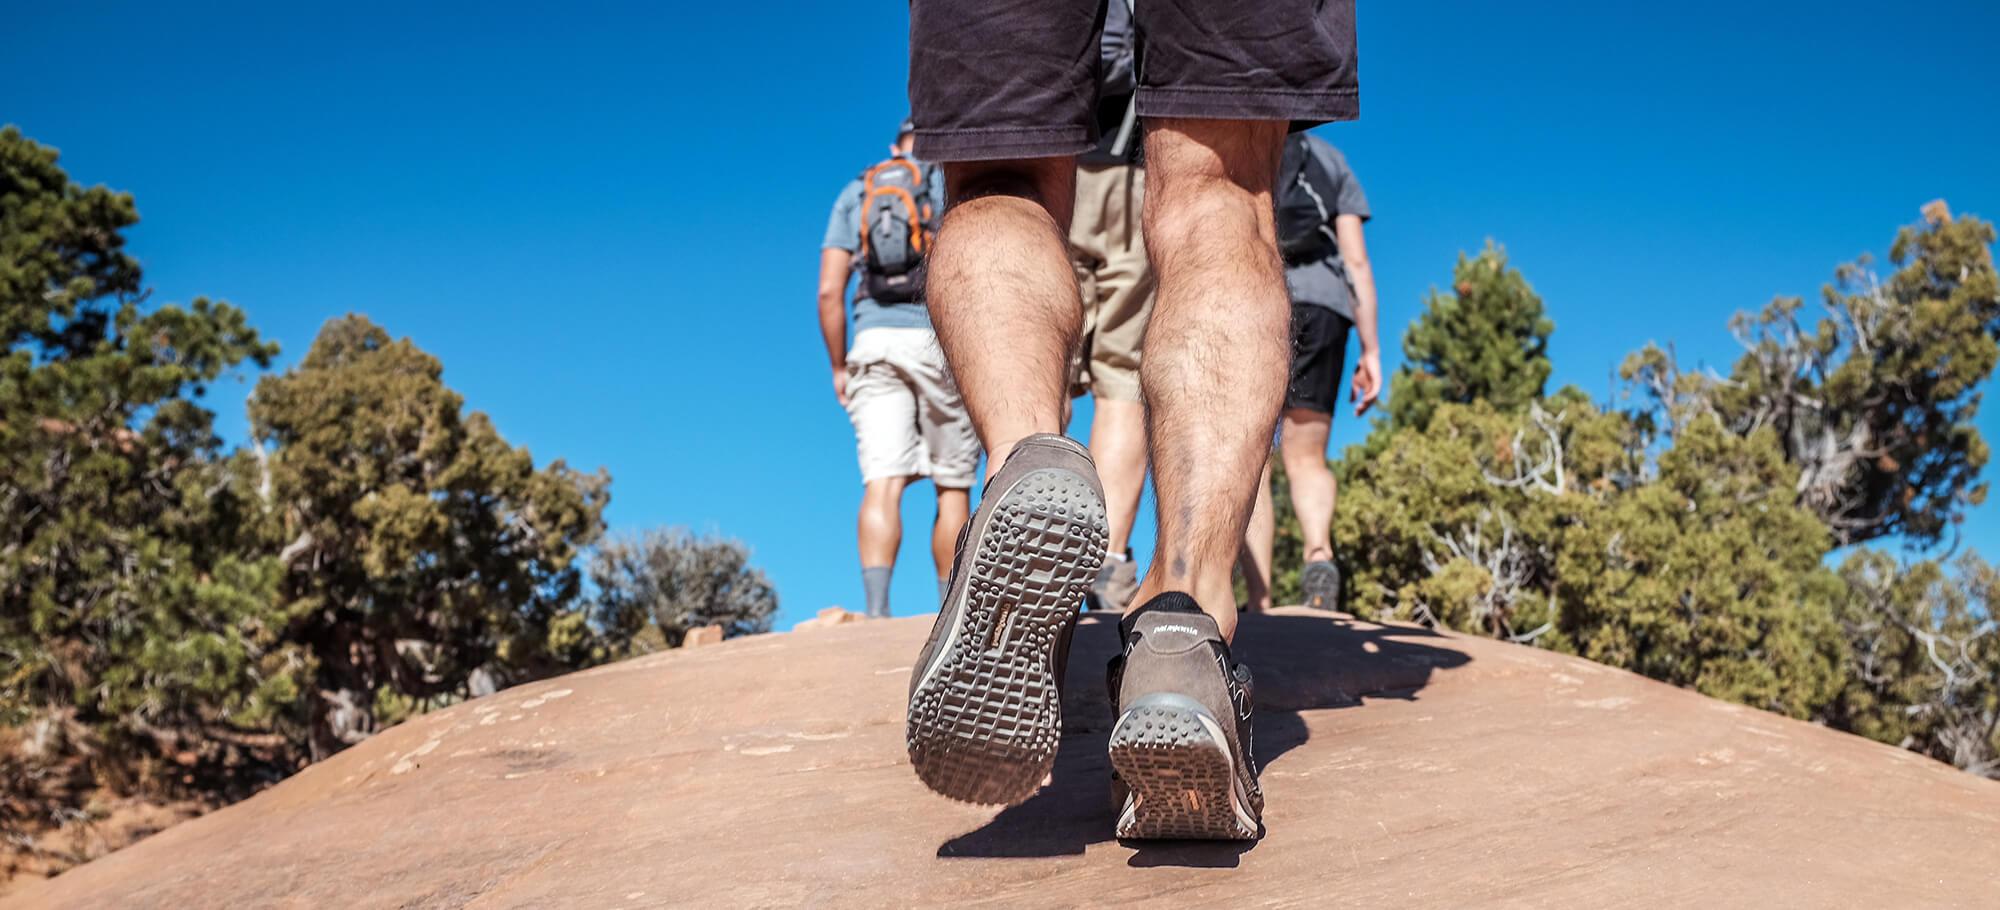 Muskelkater beim Wandern